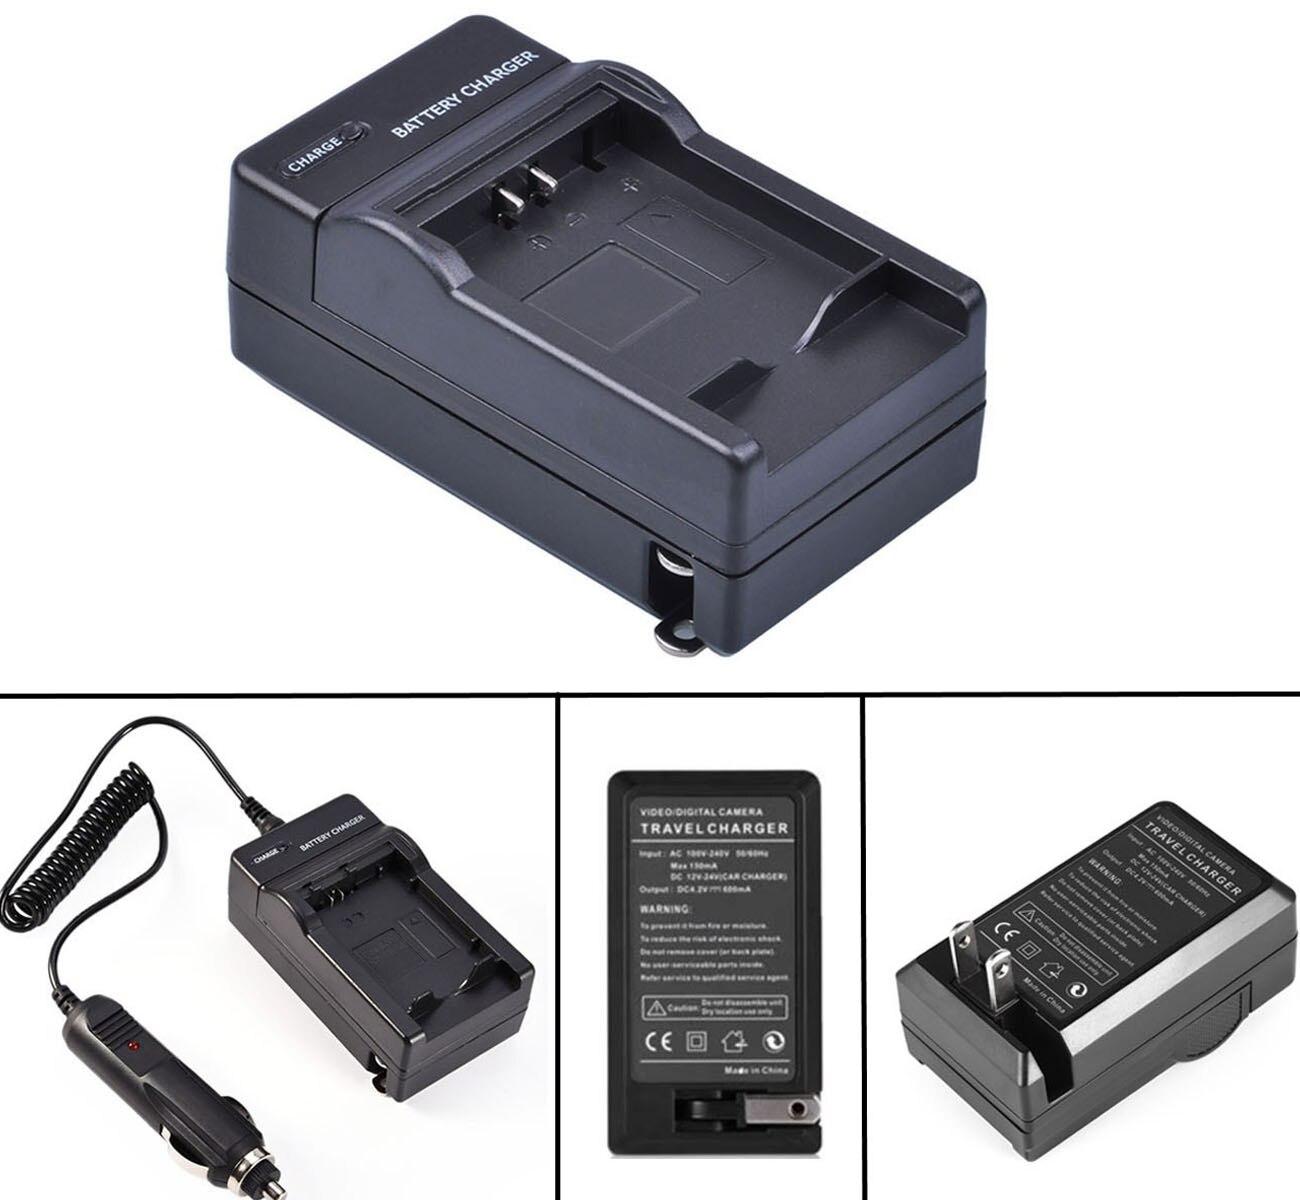 Triple USB Cargador De Batería Para LI-40B LI-42B Olympus FE-5020 FE-5030 FE-220 Nuevo